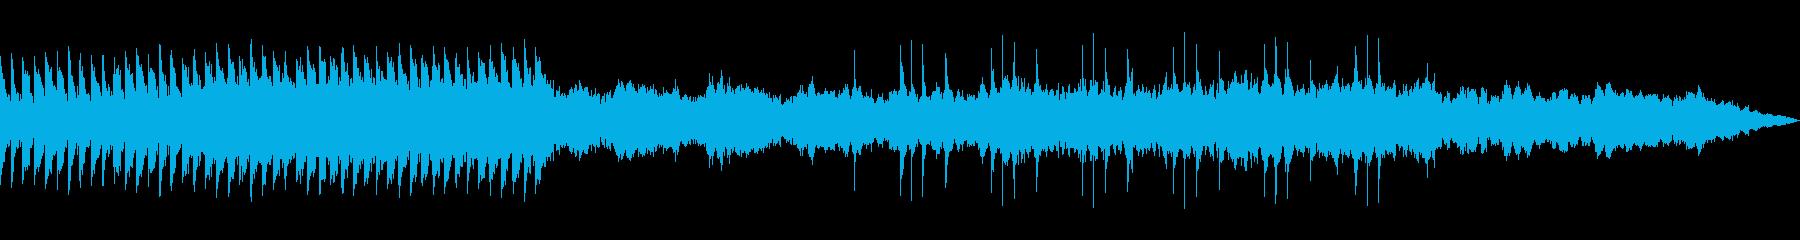 夏 森の中 幻想的 ピアノ曲の再生済みの波形